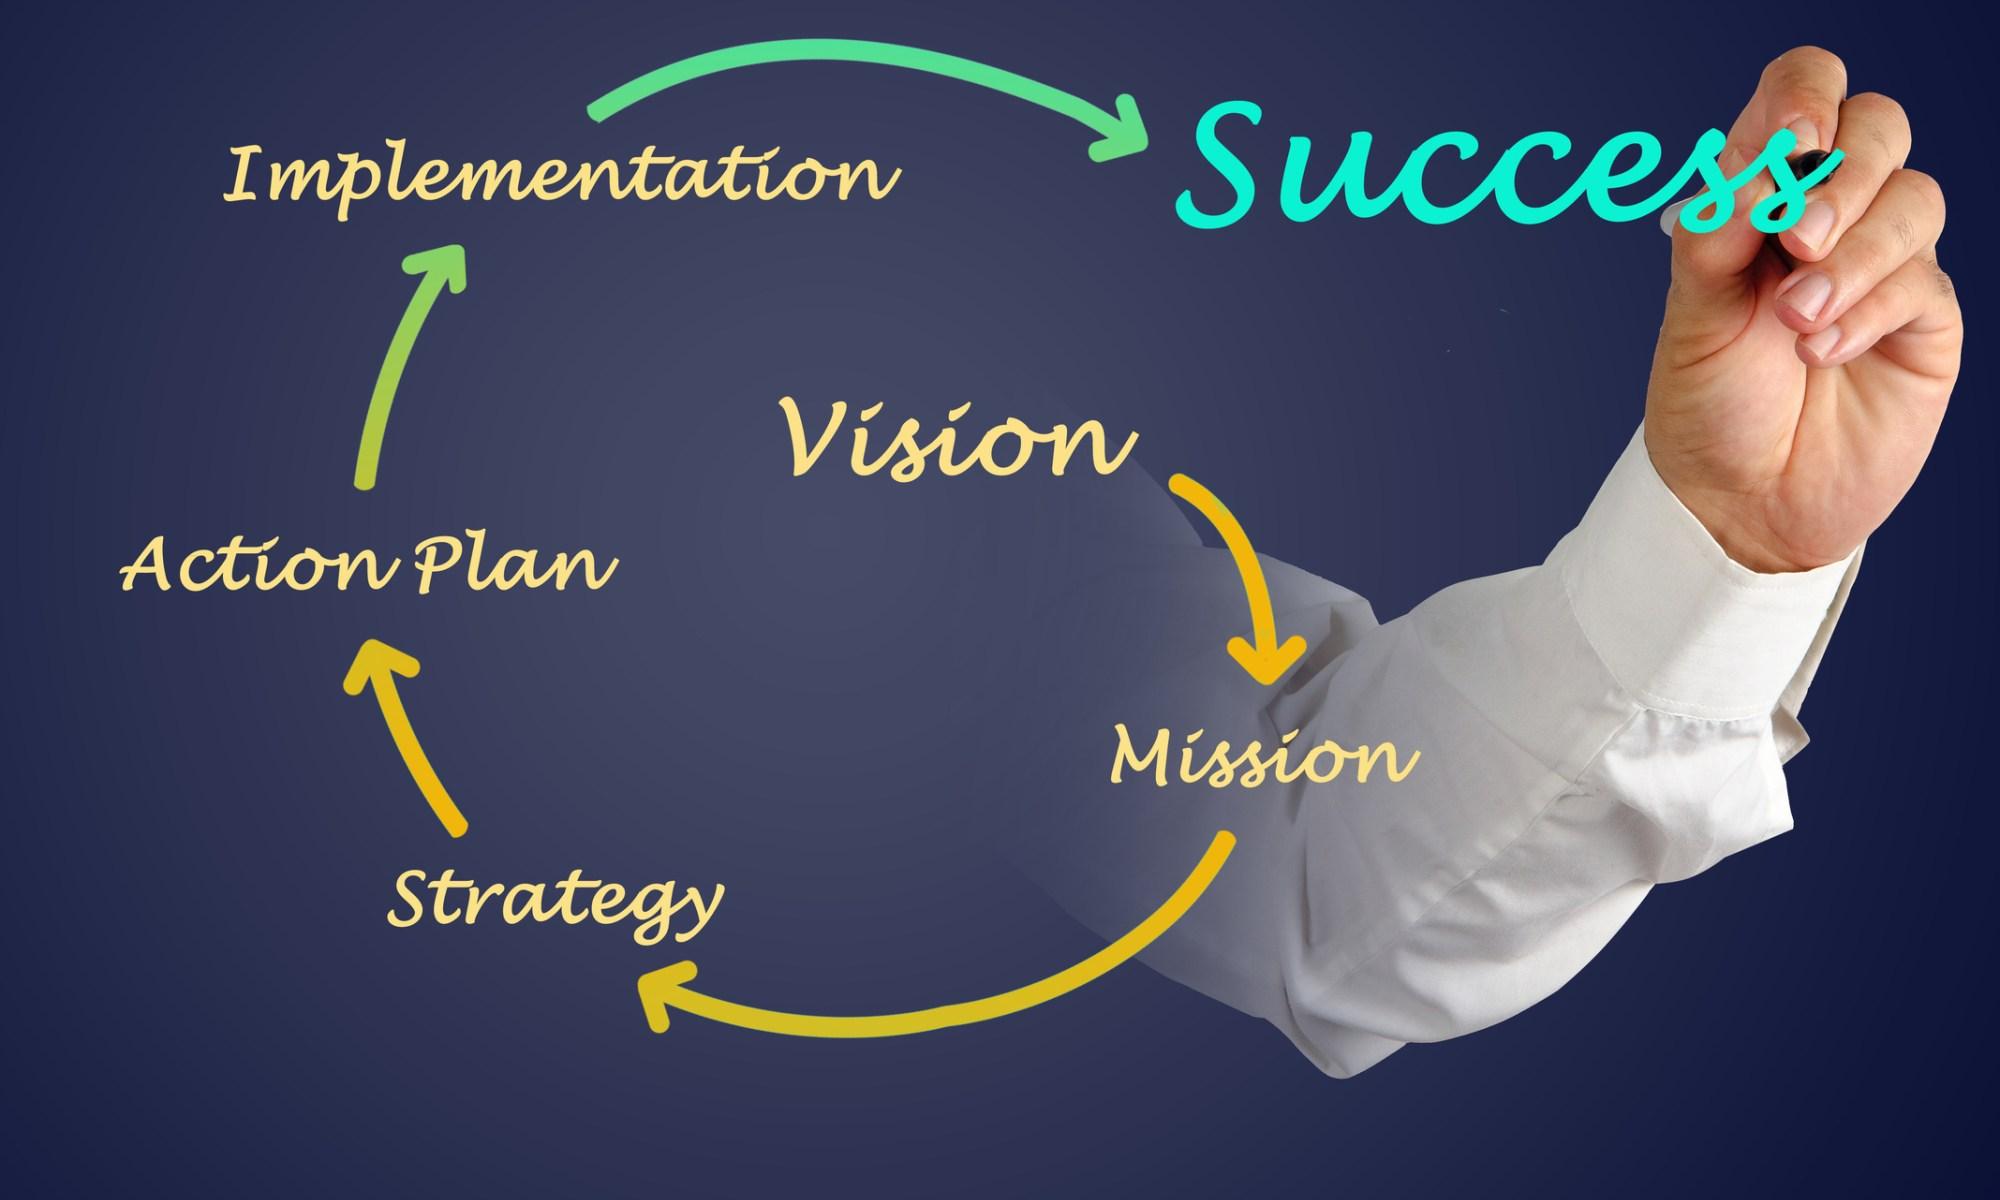 真に持つべき経営理念とは何か?経営理念の作り方の心得